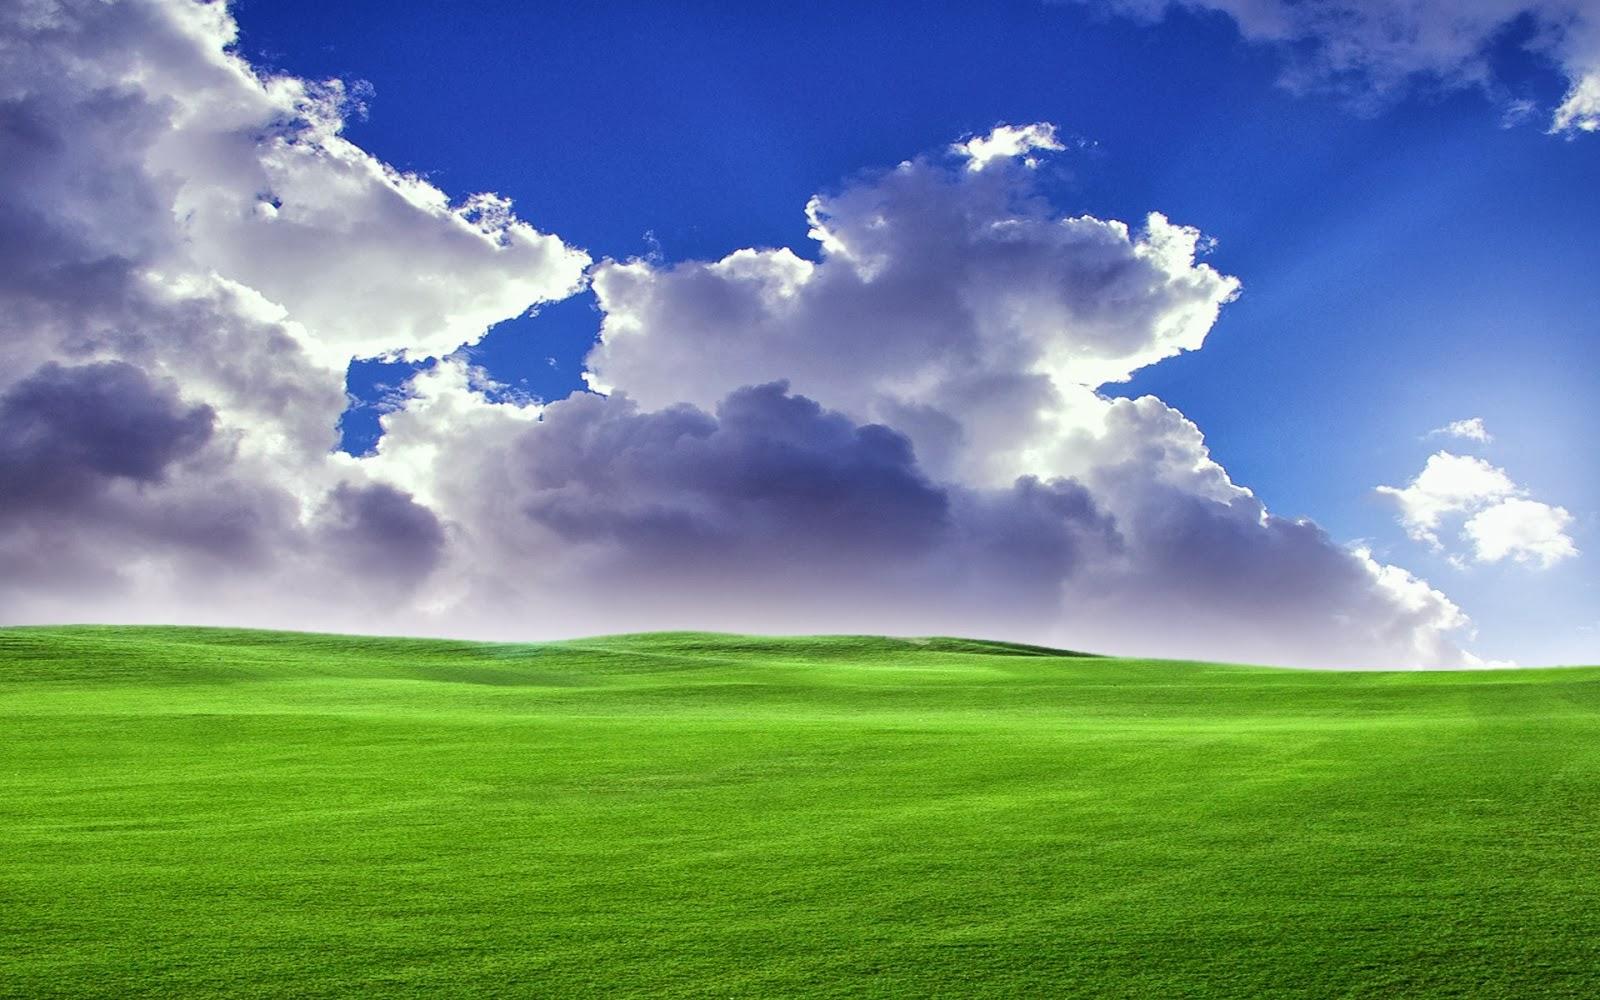 Animated Wallpapers Free Download For Xp Fondo De Pantalla Paisaje Campo Verde Con Nubes En El